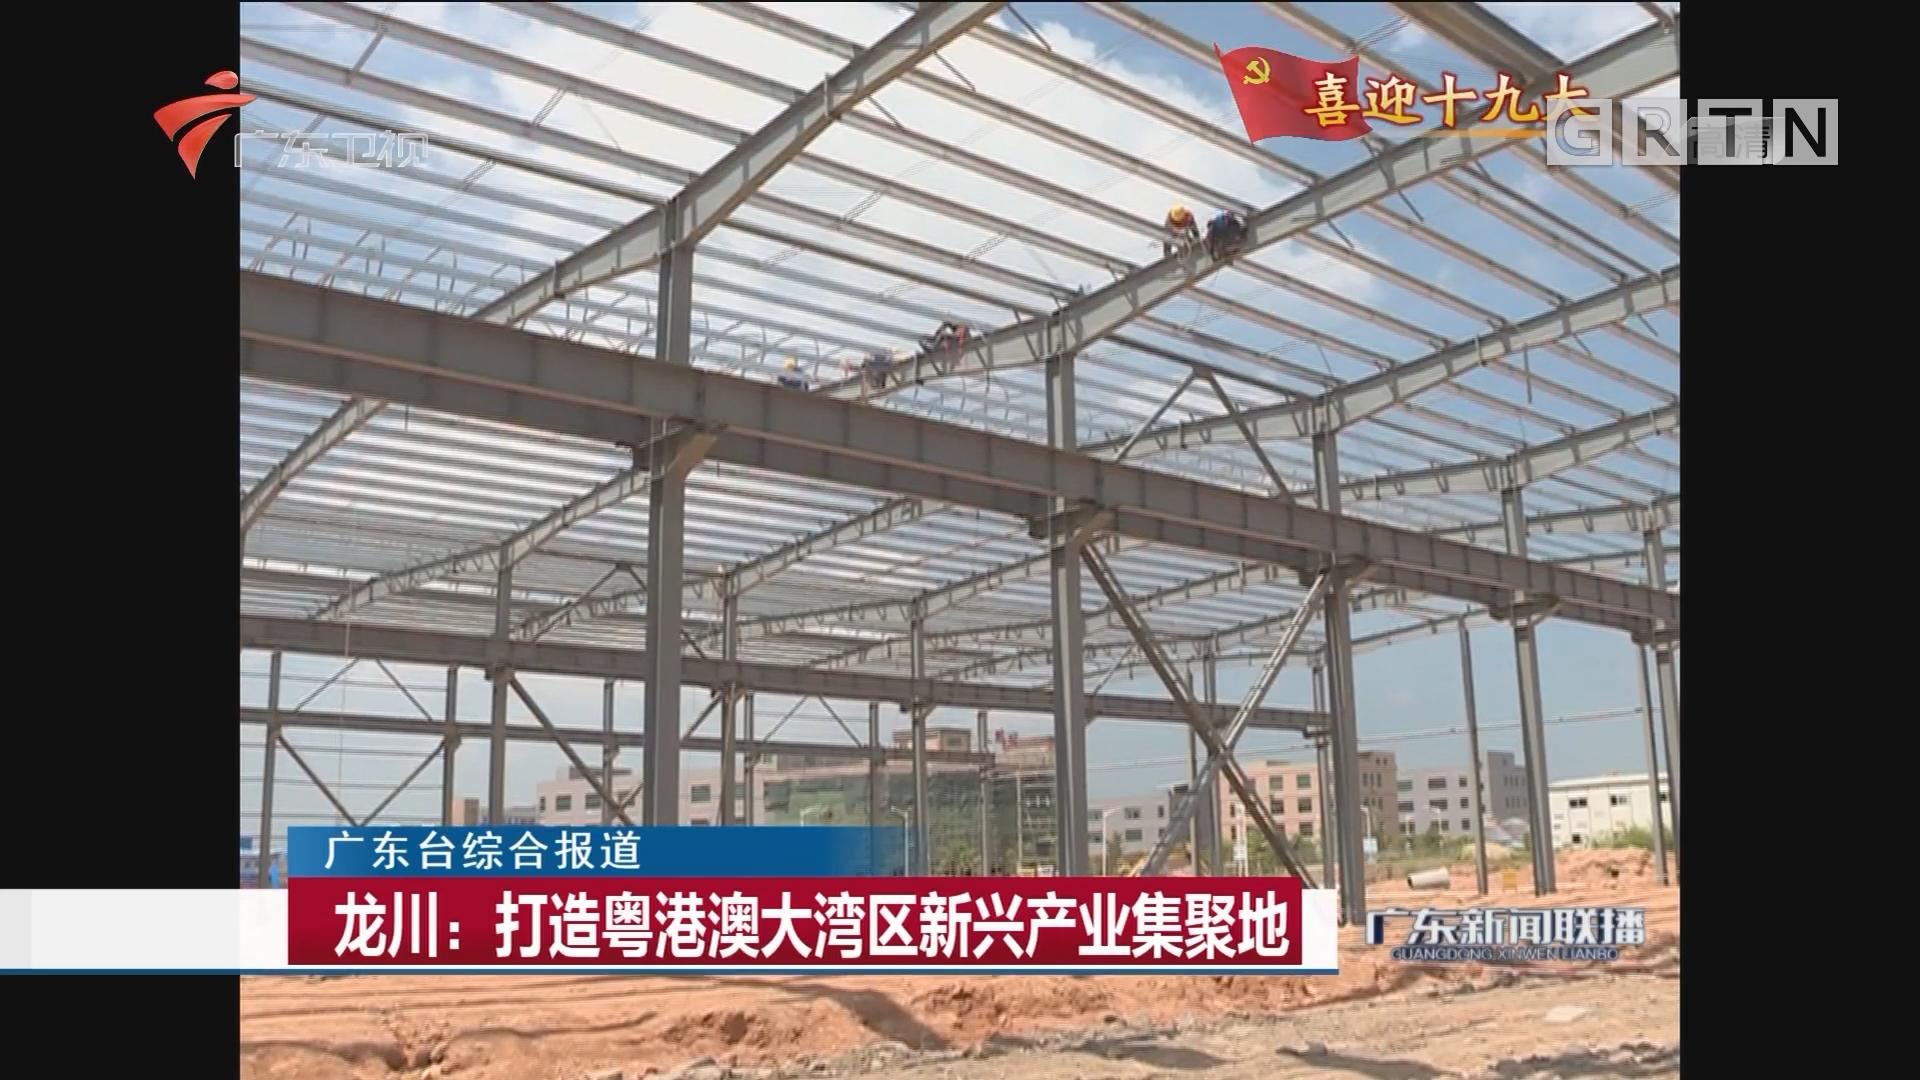 龙川:打造粤港澳大湾区新兴产业集聚地